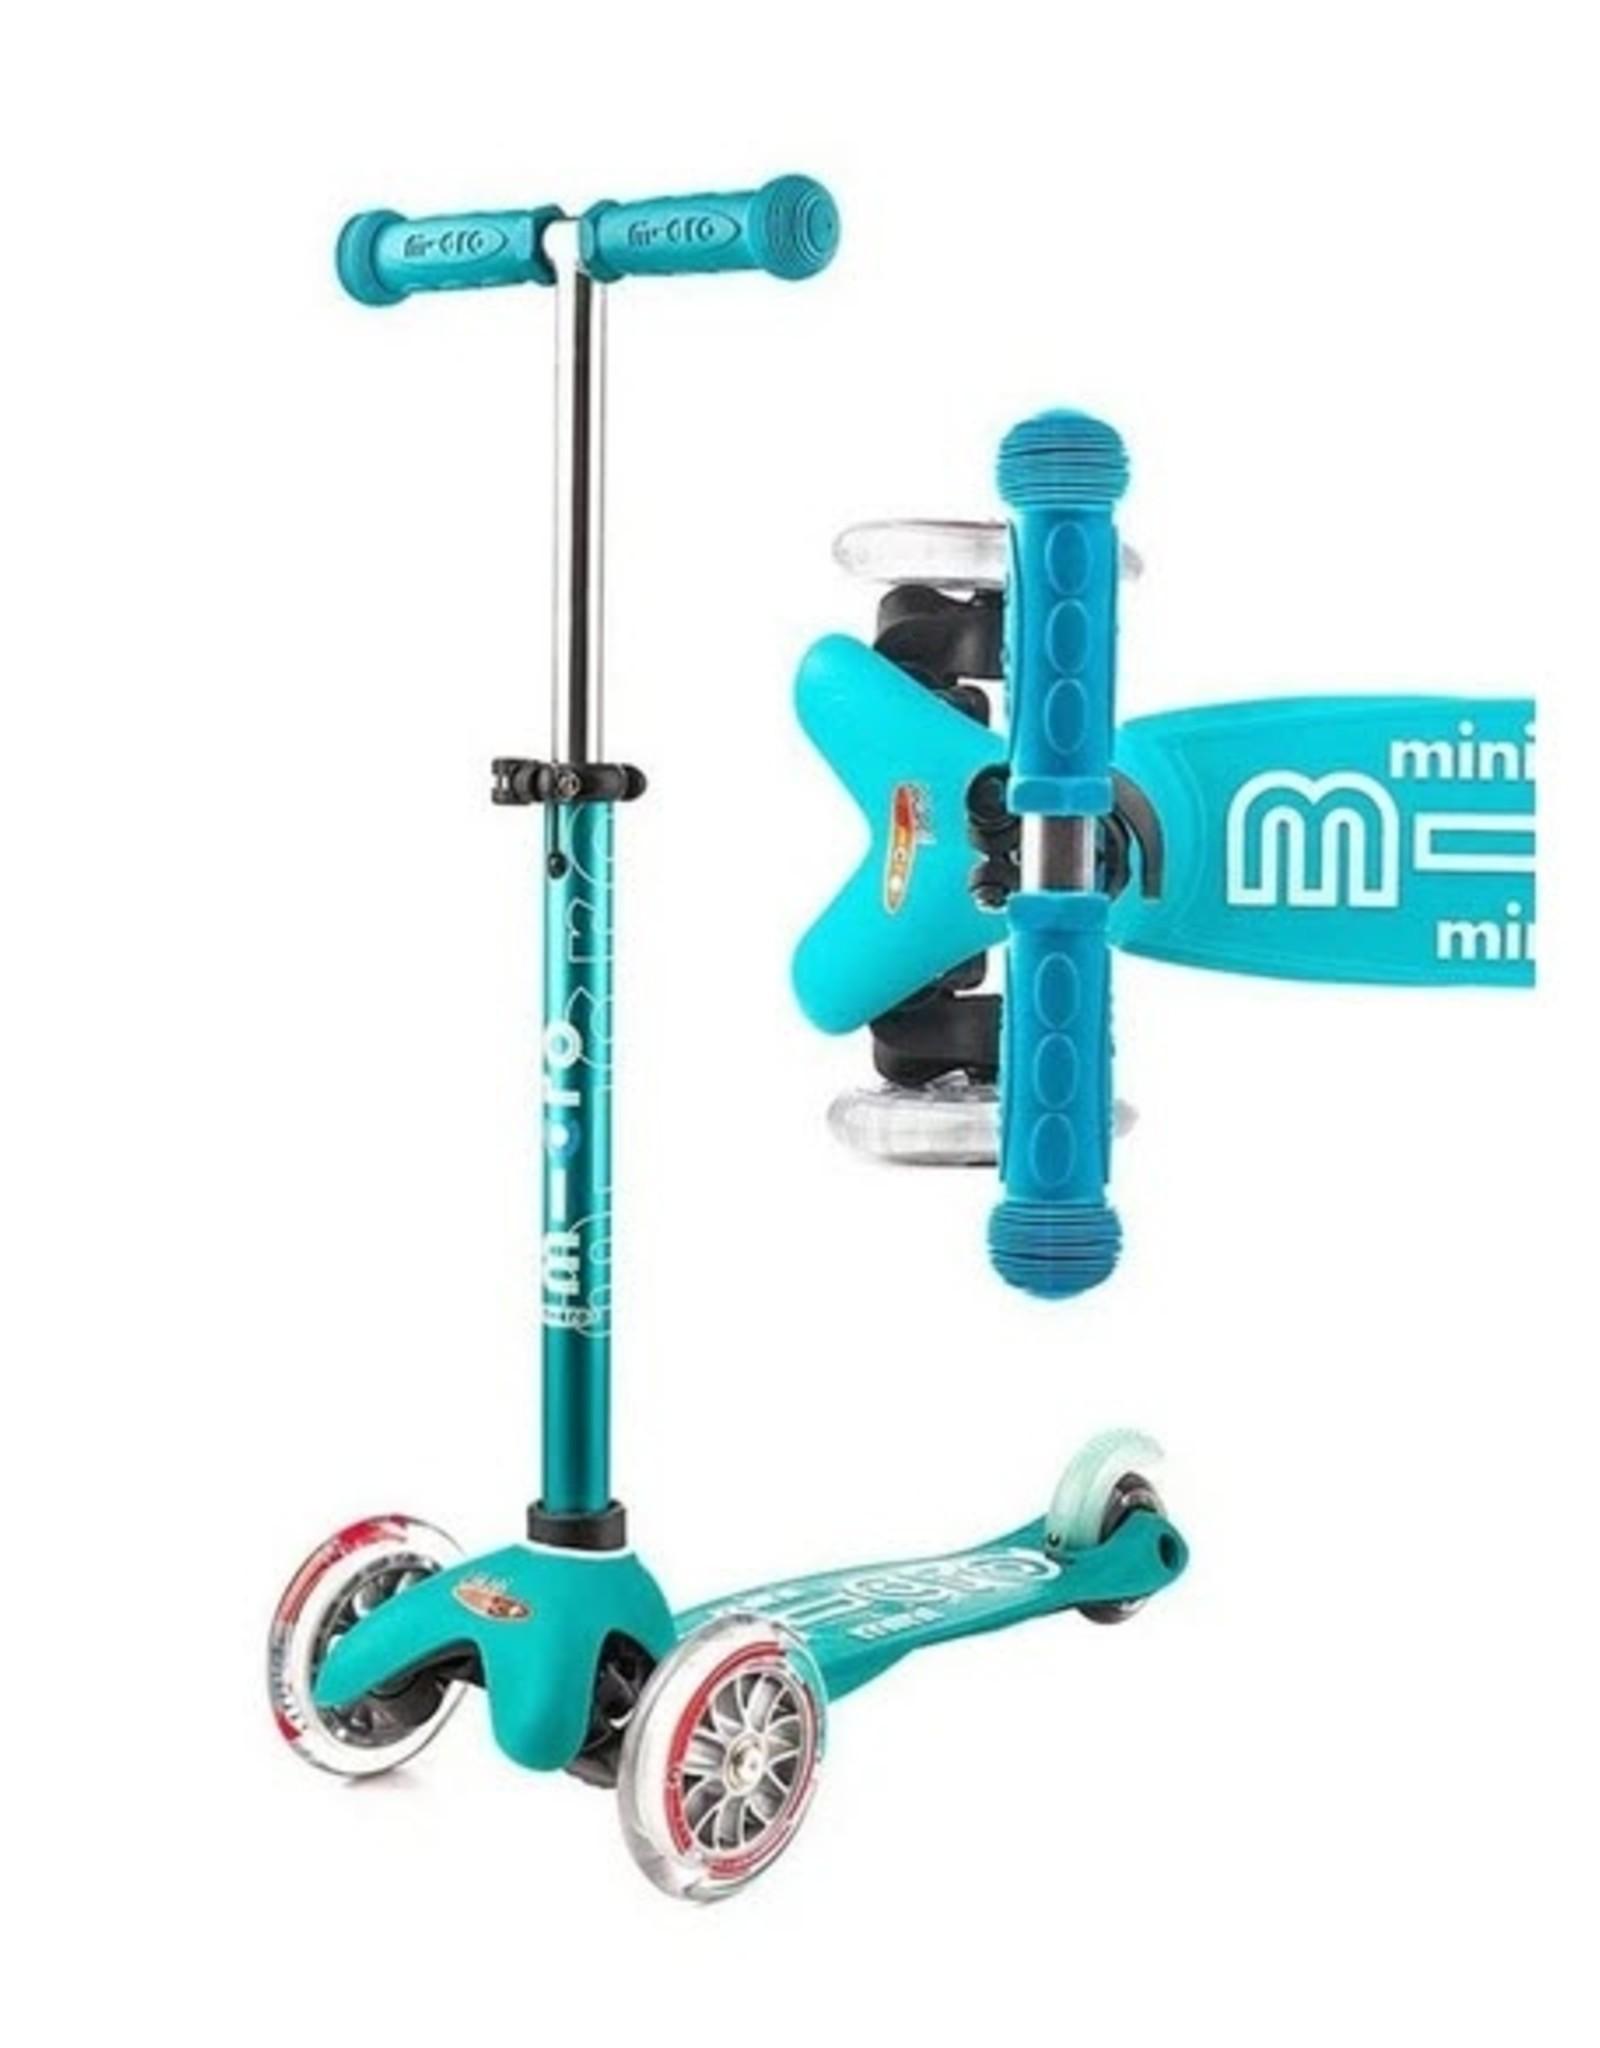 Micro Scooter Mini Micro Deluxe Scooter - Aqua